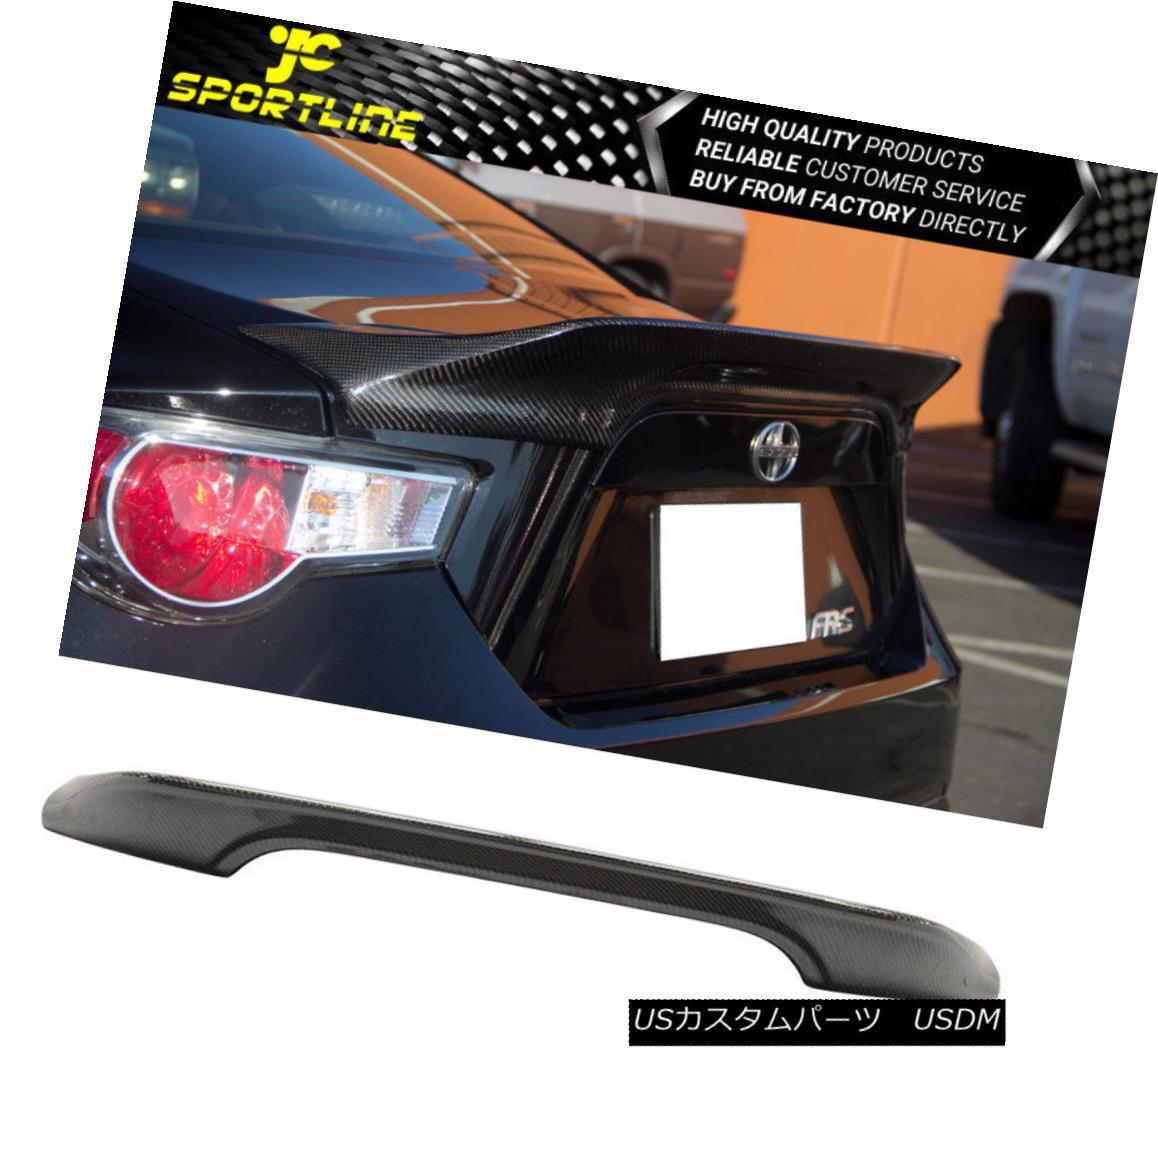 エアロパーツ Fits 13-16 Subaru BRZ Scion FRS Carbon Fiber TR-D STYLE Trunk Rear Wing Spoiler フィット13-16スバルBRZサイオンFRS炭素繊維TRD STYLEトランクリアウィングスポイラー